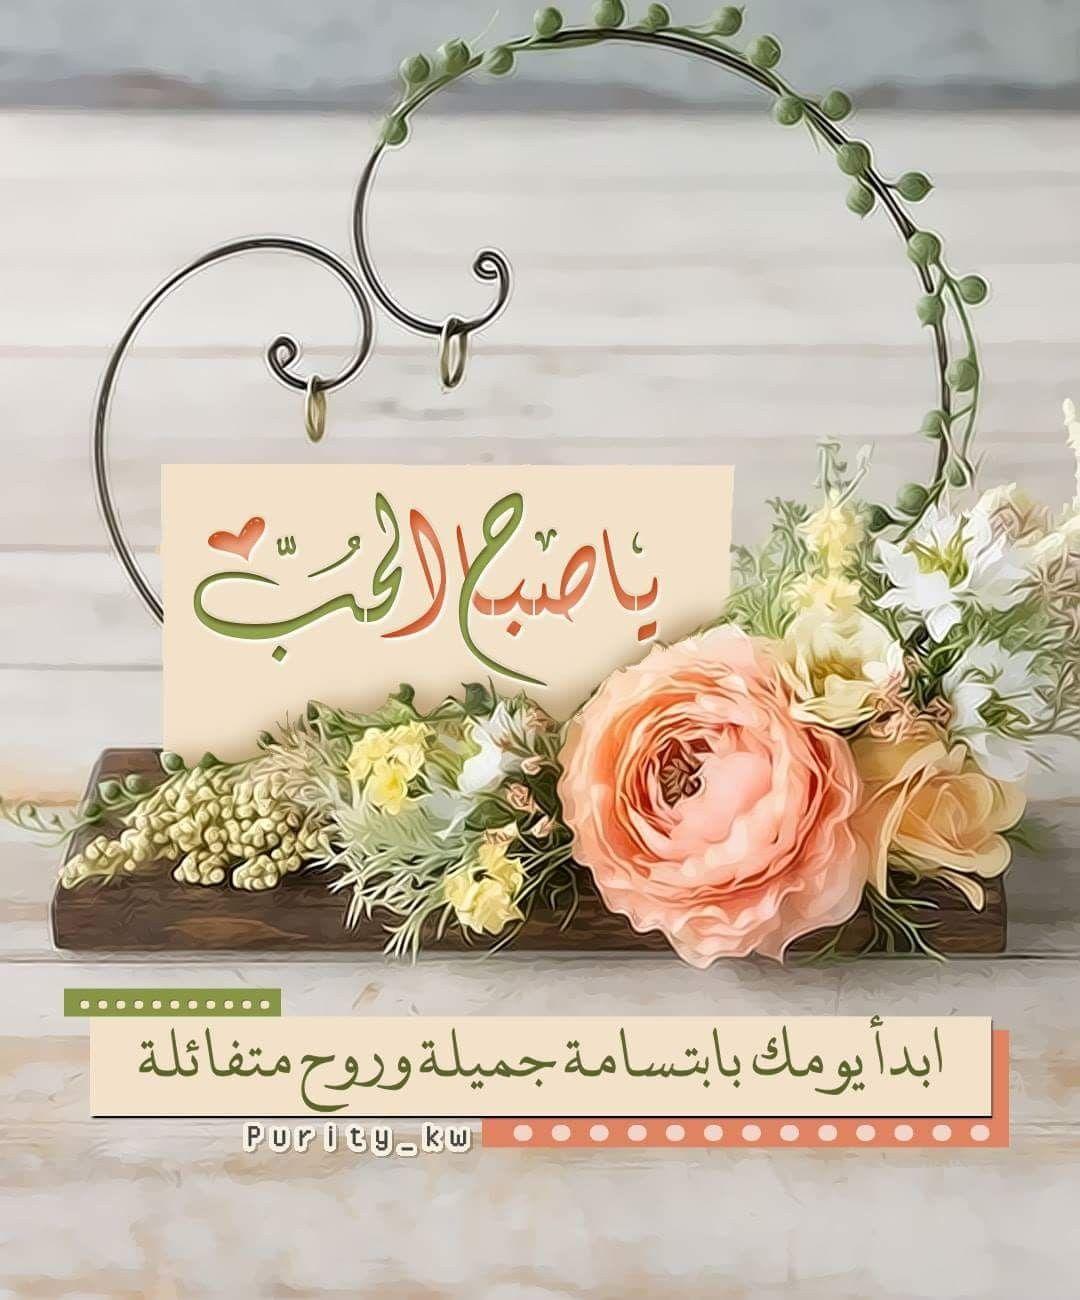 ياصباح الحب لكل العابرين بابتسامة رقيقه تعطي أملا في يوم جميل صباح الخير ص Good Evening Wishes Good Morning Arabic Good Morning Dear Friend